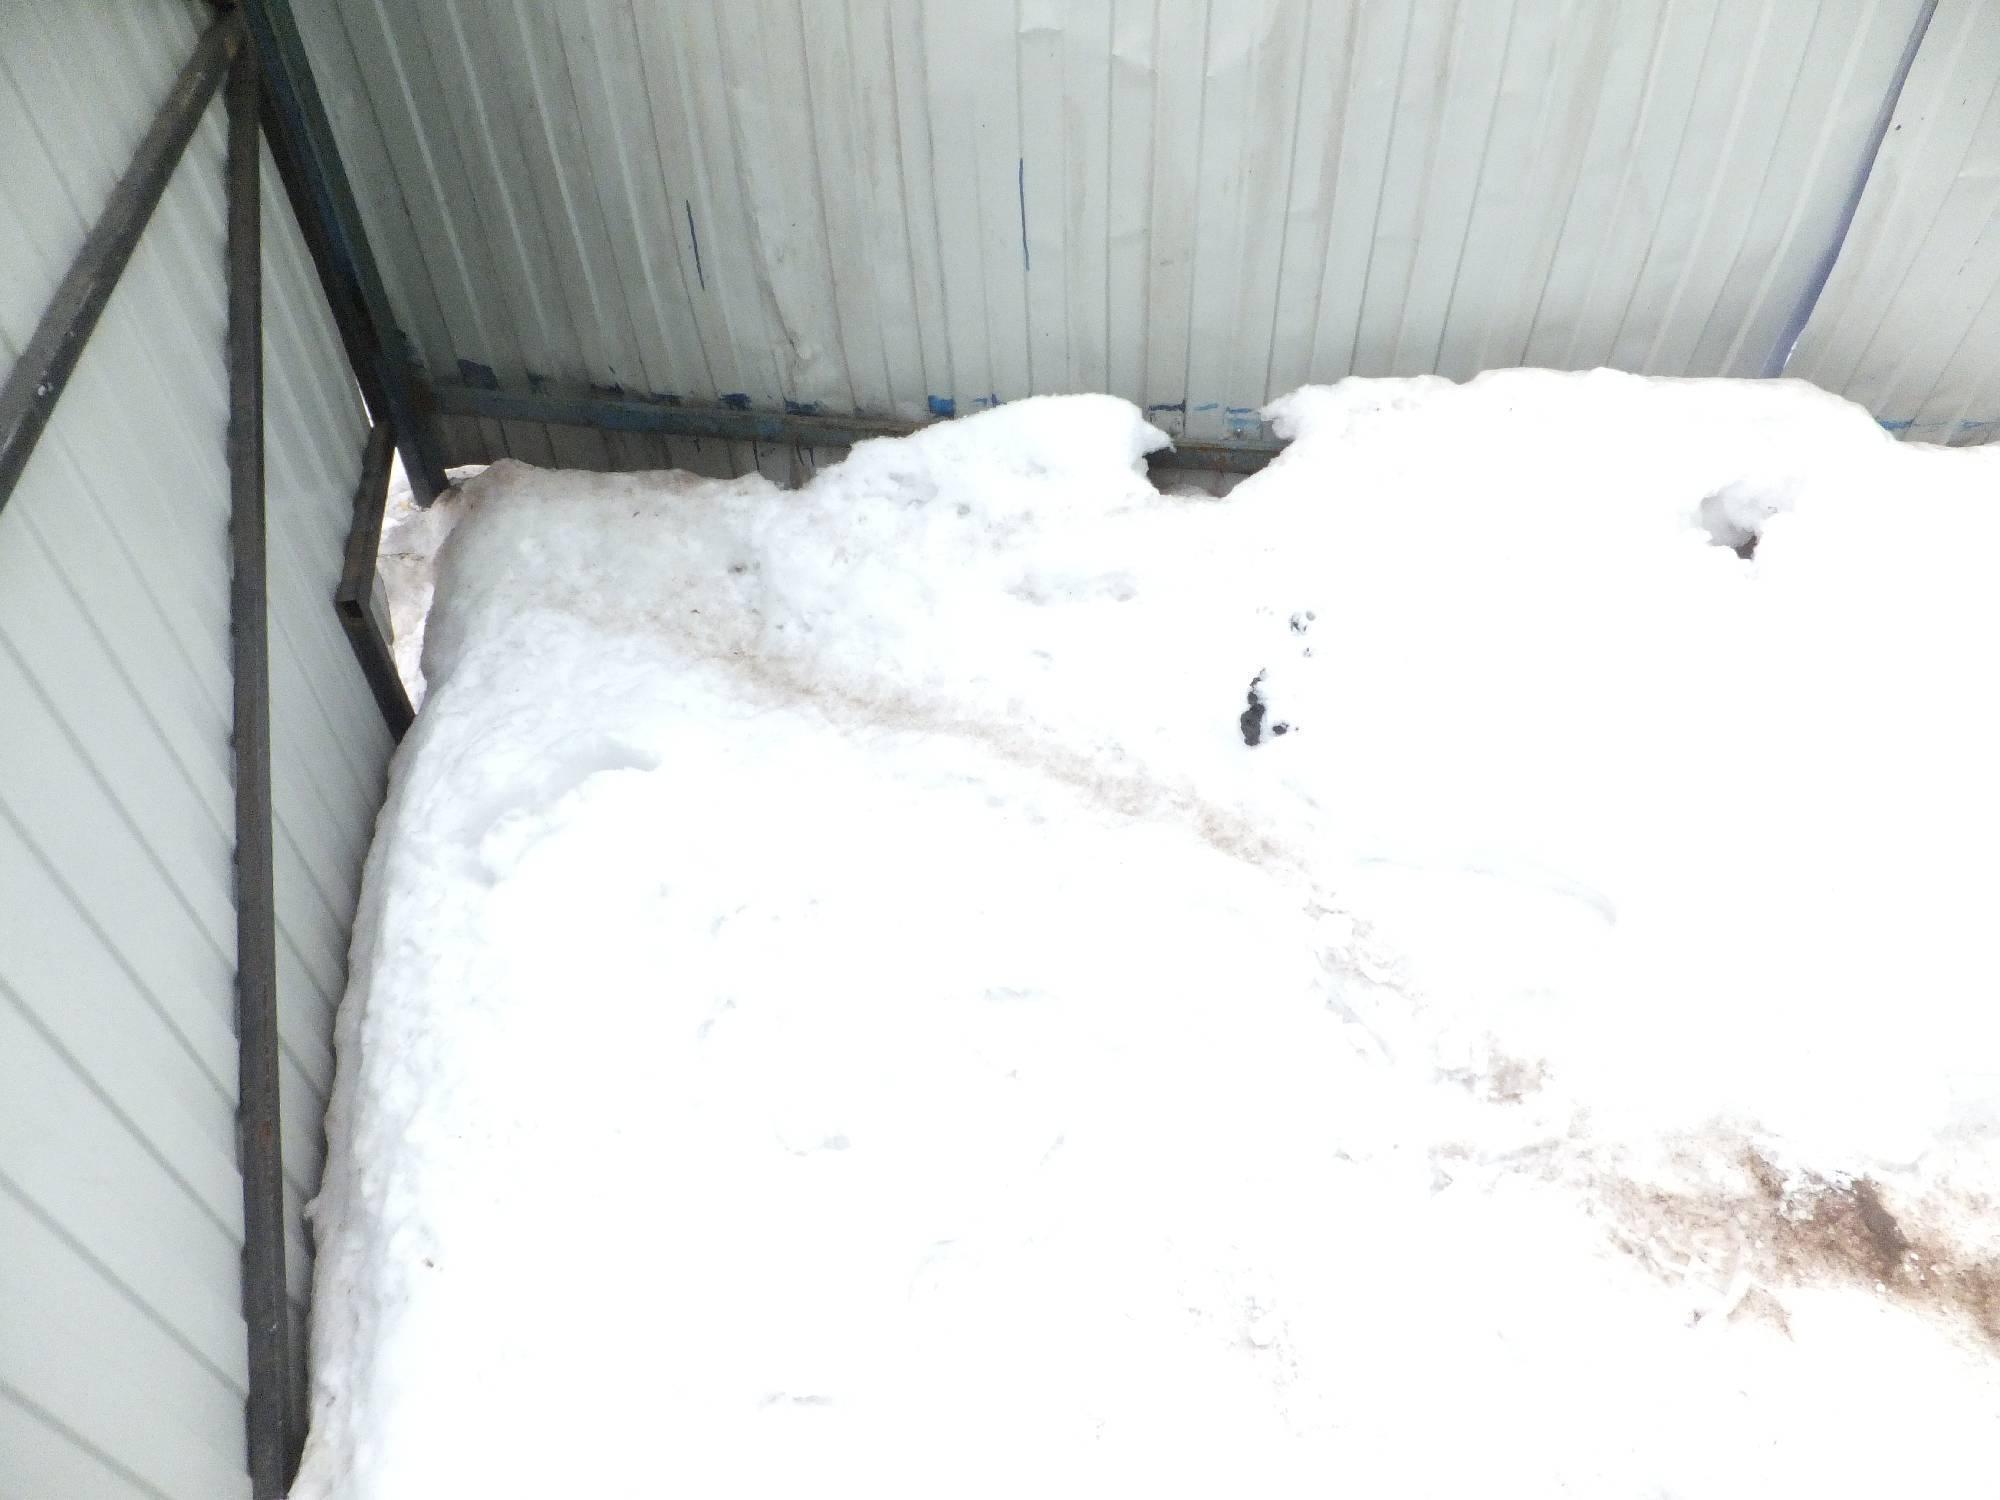 Как выглядят следы крысы на снегу. следопыт: читаем следы животных зимние следы на снегу